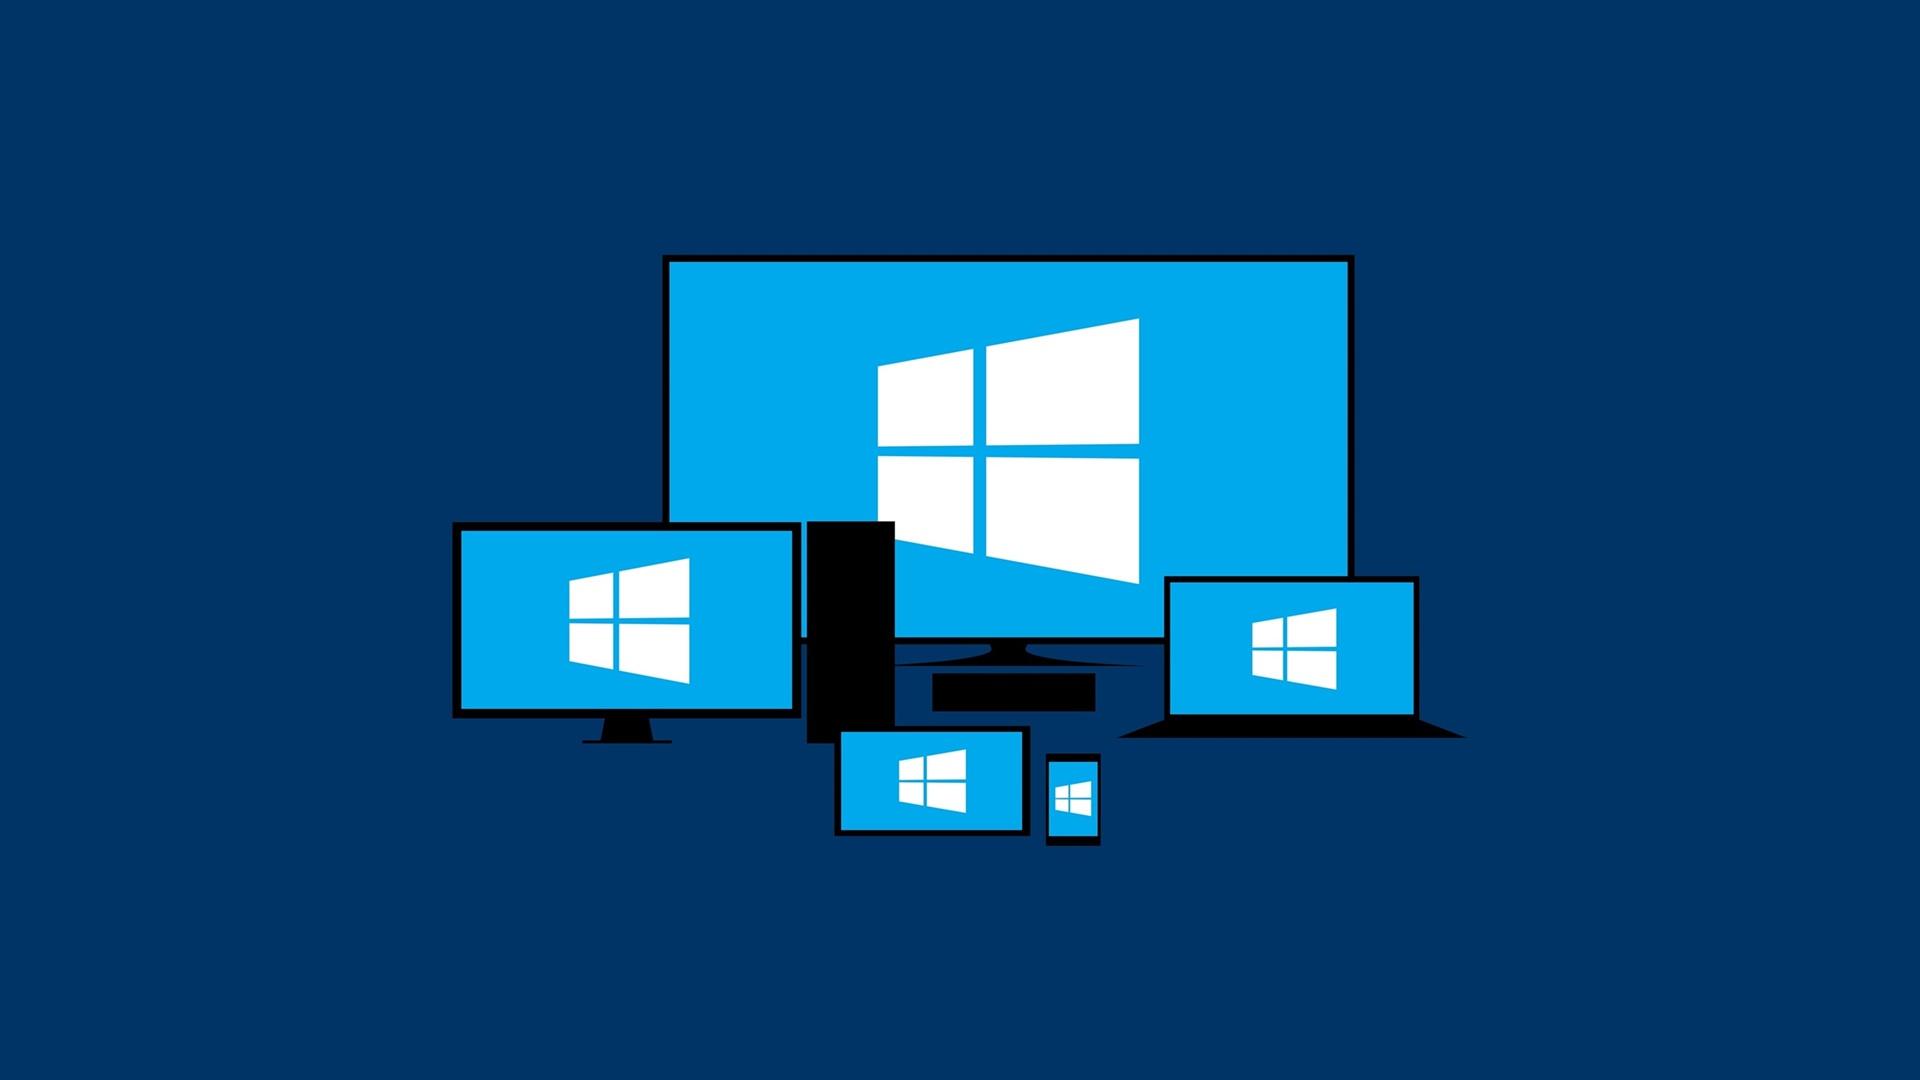 Мониторы с логотипами Windows